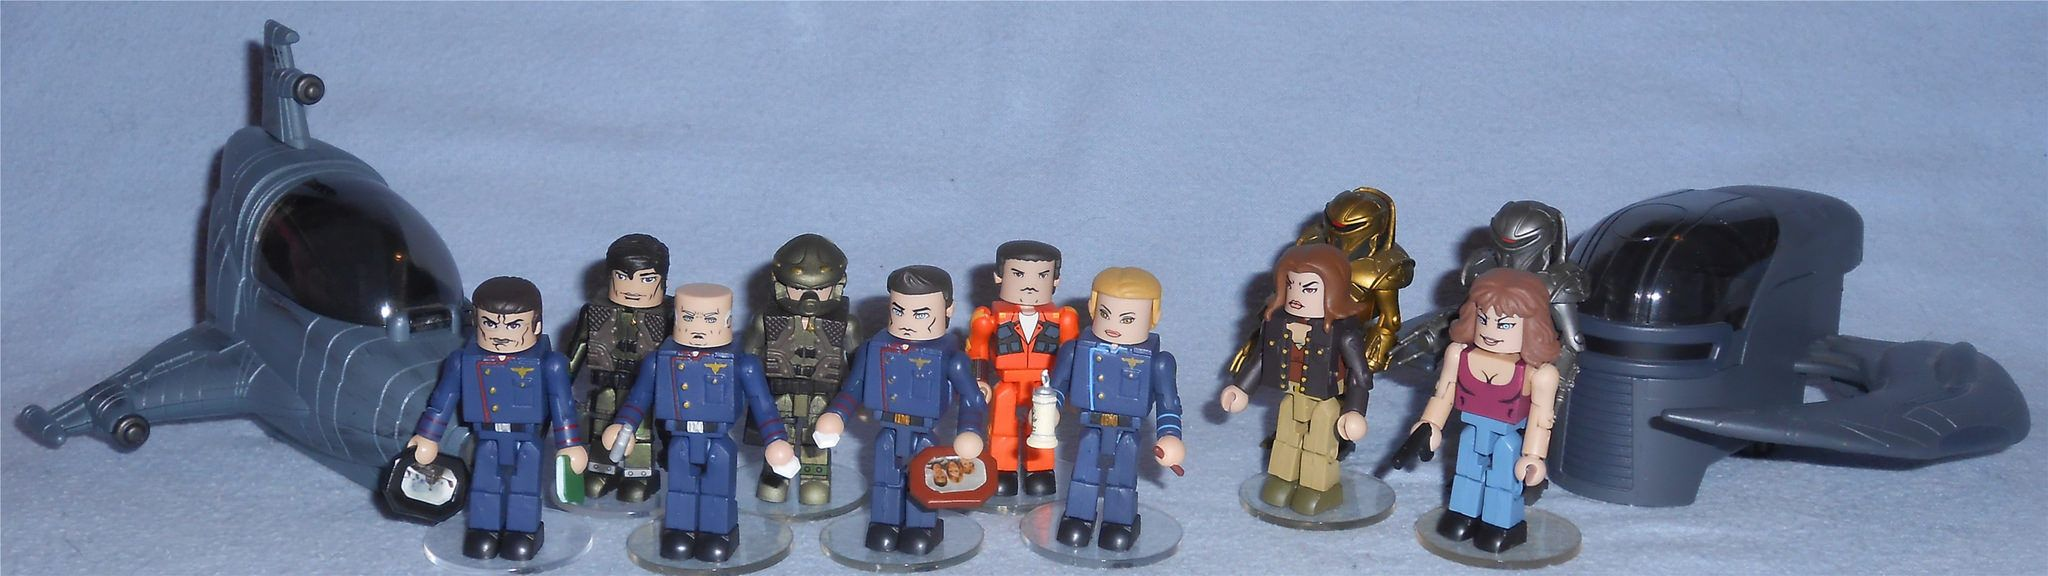 Battlestar Galactica Minimates série 2 Colonel Tigh